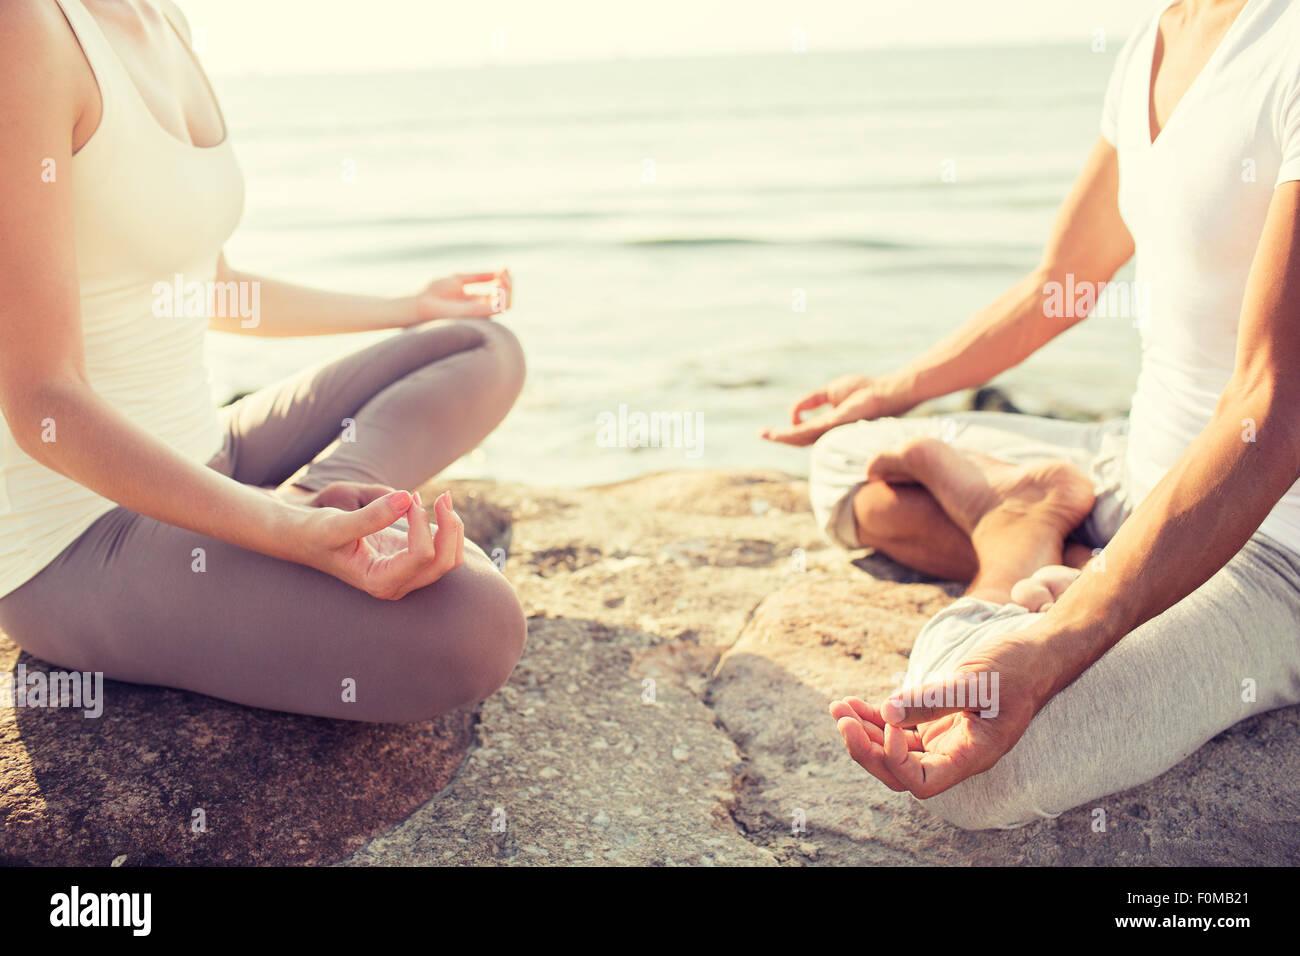 Chiusura del giovane facendo esercizi di yoga all'aperto Immagini Stock